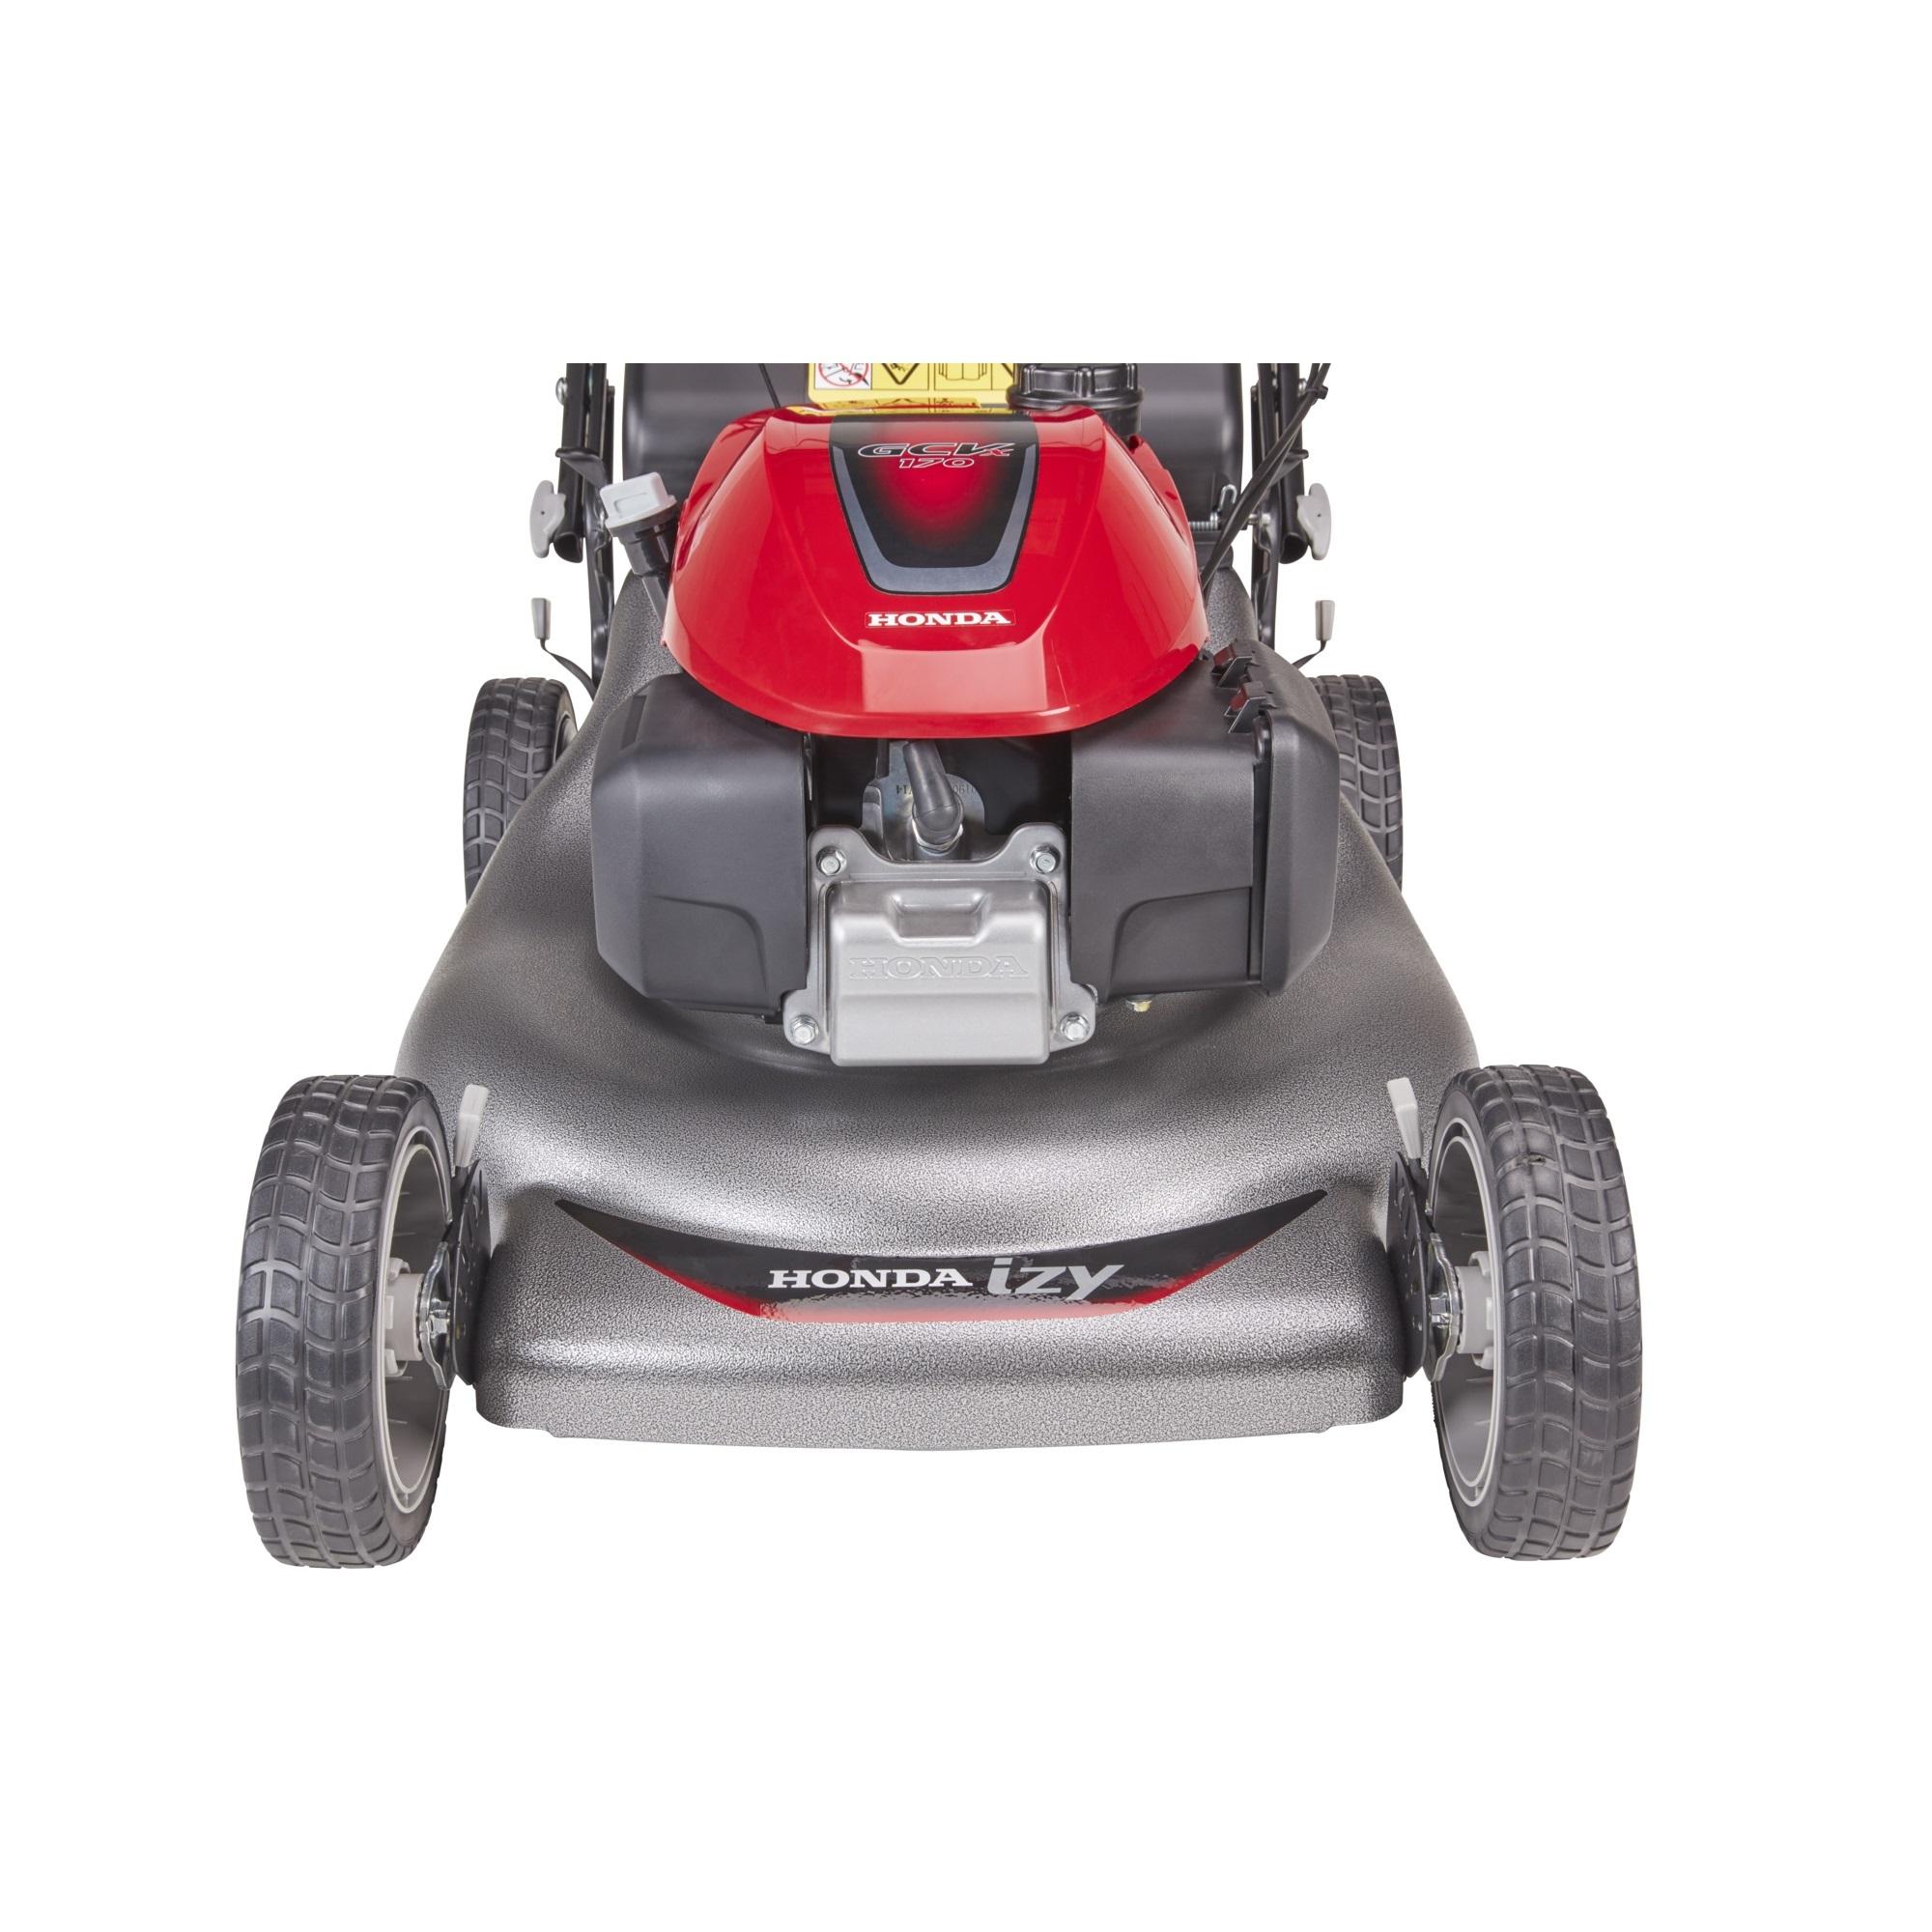 Honda HRG 536 C9 SKEH motorová sekačka s pojezdem - N/A Honda H718776 L-11